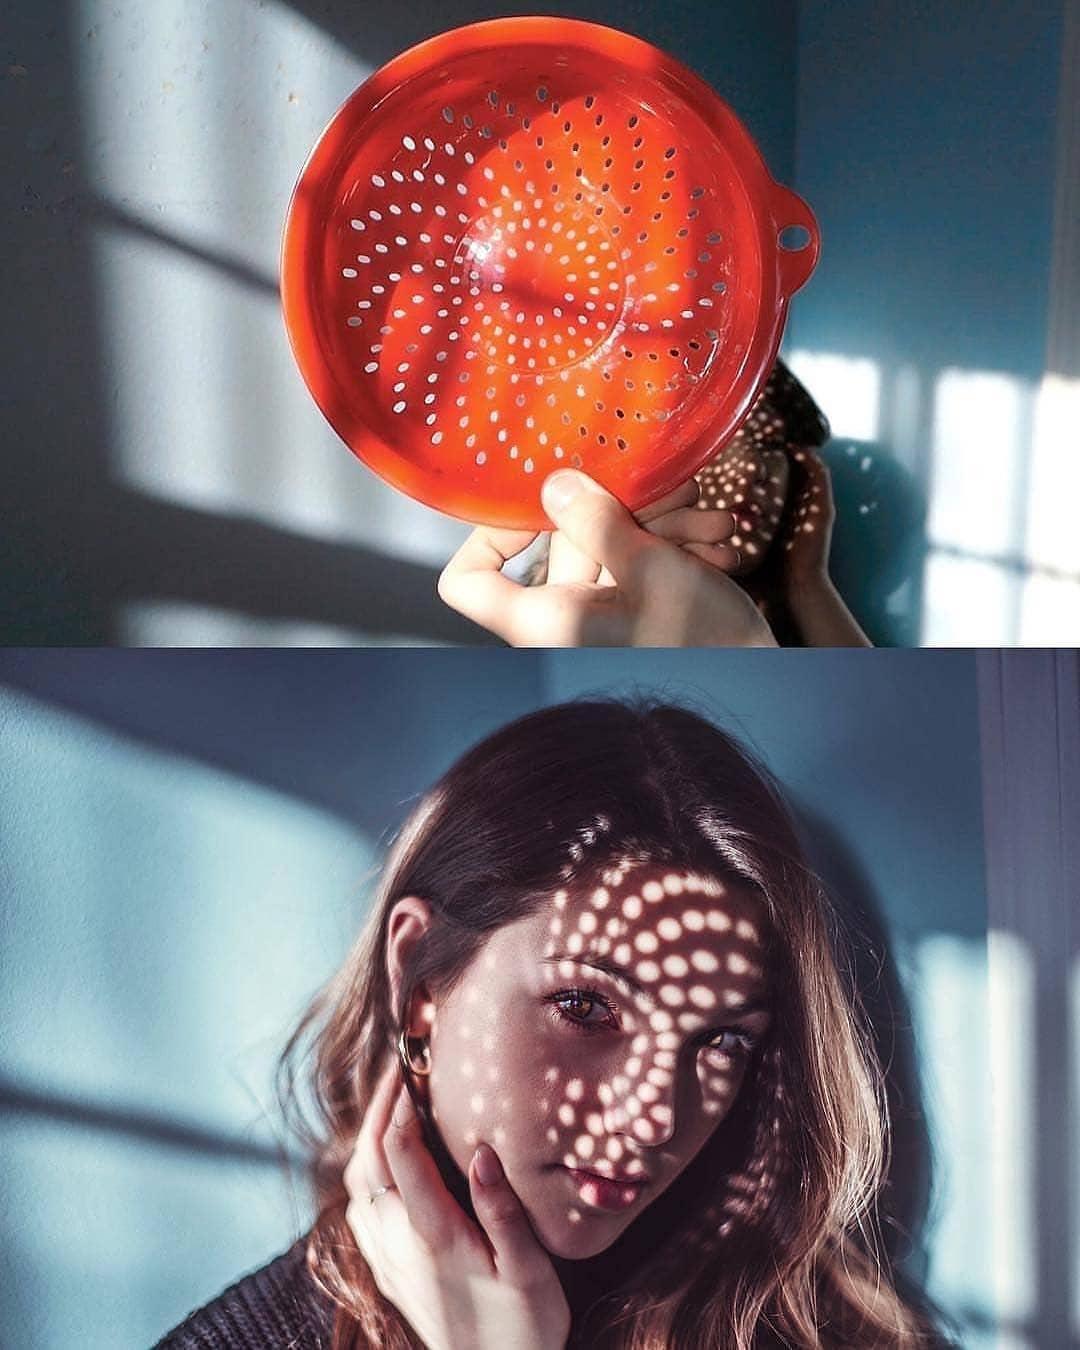 攝影師用18張照片證明˙「不修圖的人真的太傻」 菜盆+陽光就可以讓菜鳥變專家!